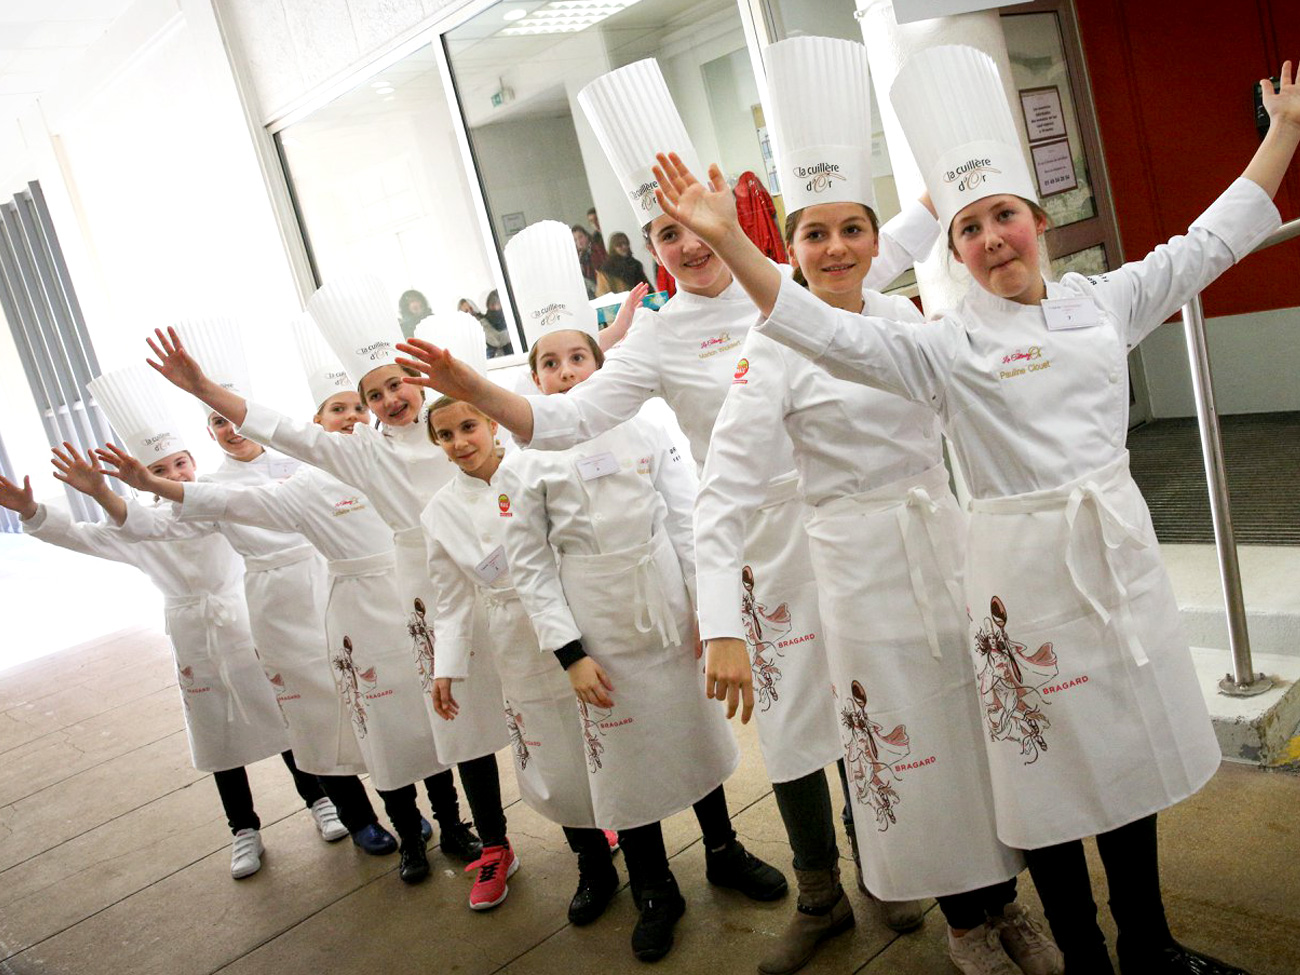 Concours de gastronomie pour petites filles